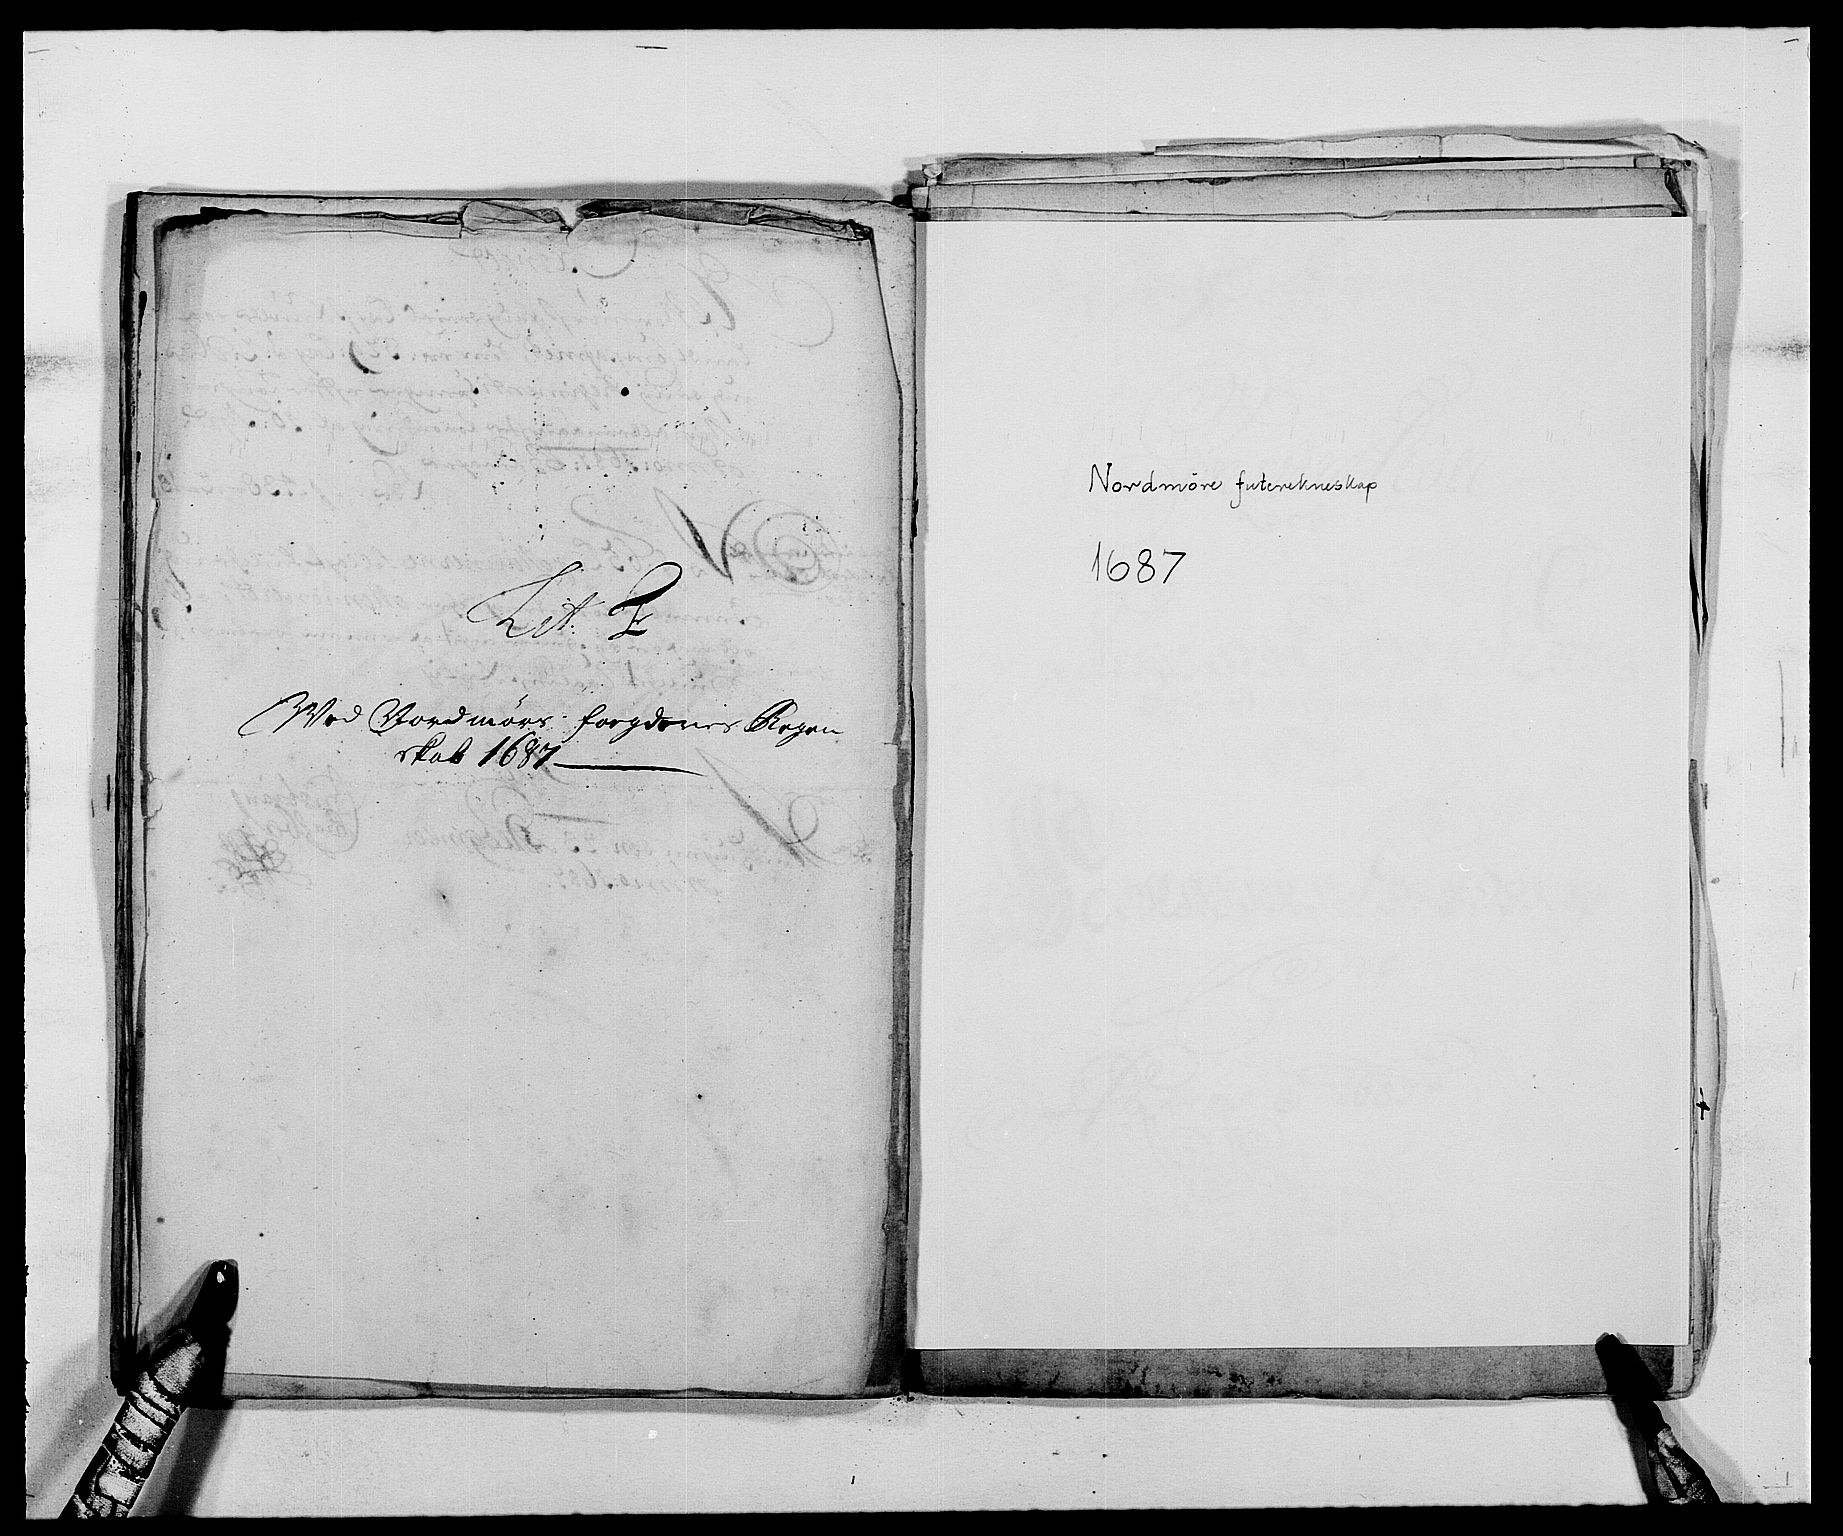 RA, Rentekammeret inntil 1814, Reviderte regnskaper, Fogderegnskap, R56/L3733: Fogderegnskap Nordmøre, 1687-1689, s. 44